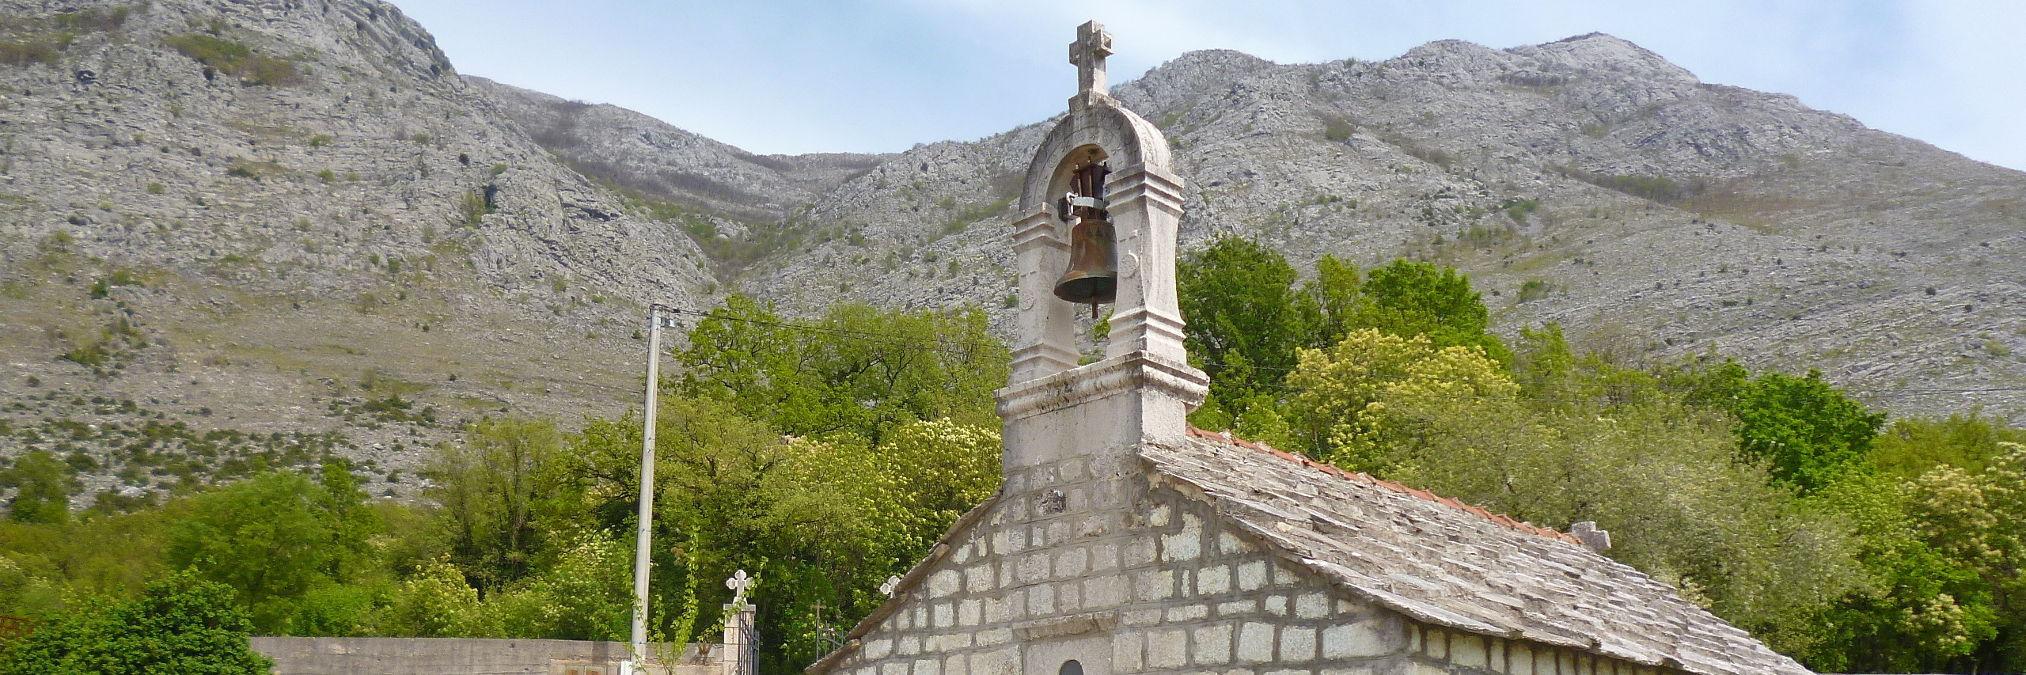 7 легенд о христианских святынях Боснии и Герцеговины